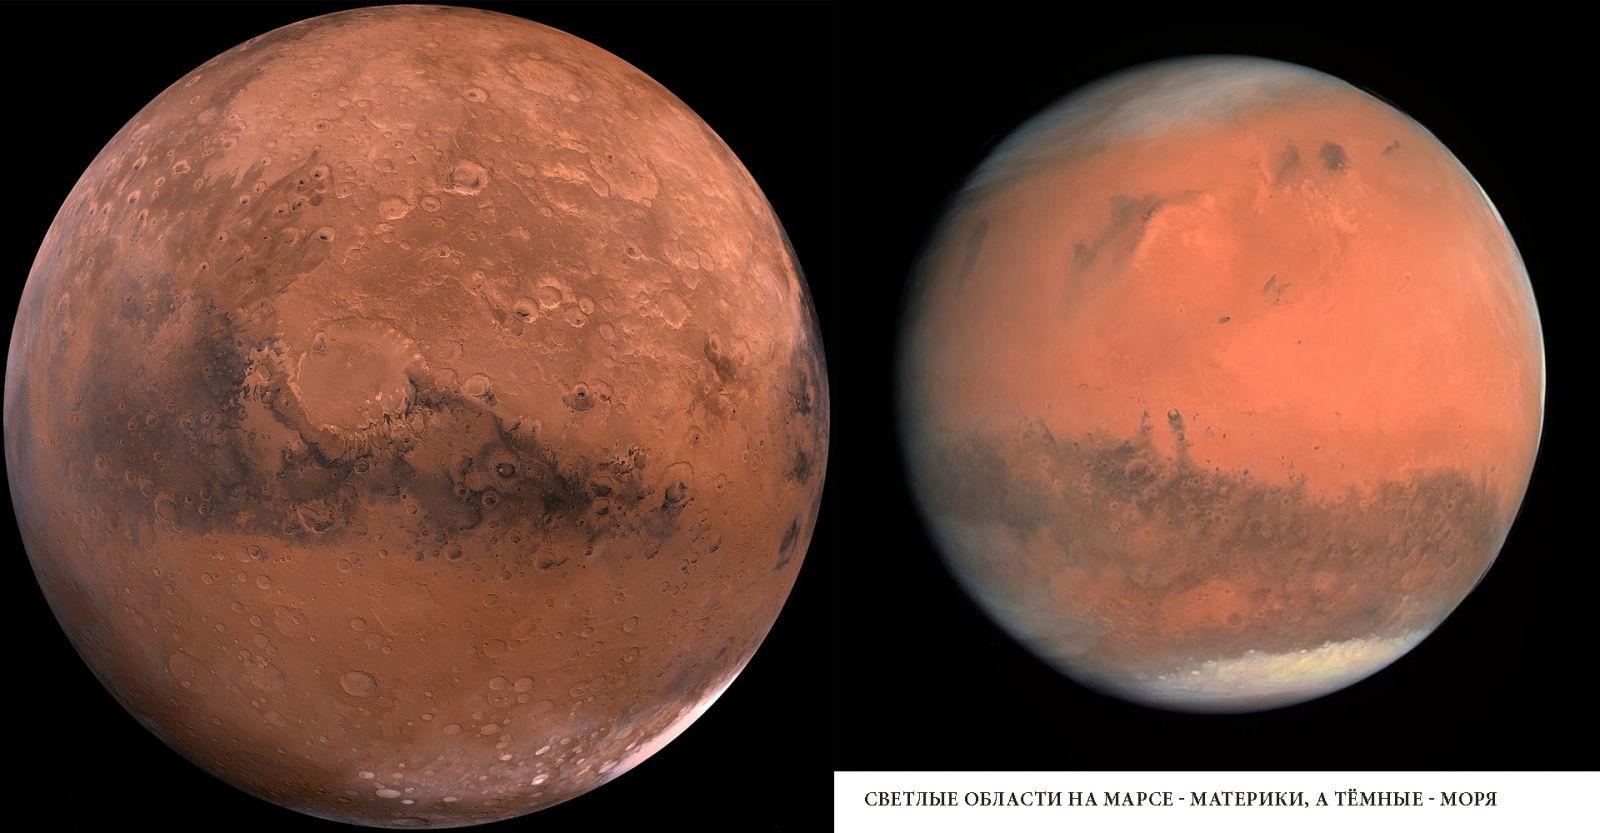 Снимки Марса, на которых можно рассмотреть рельеф планеты